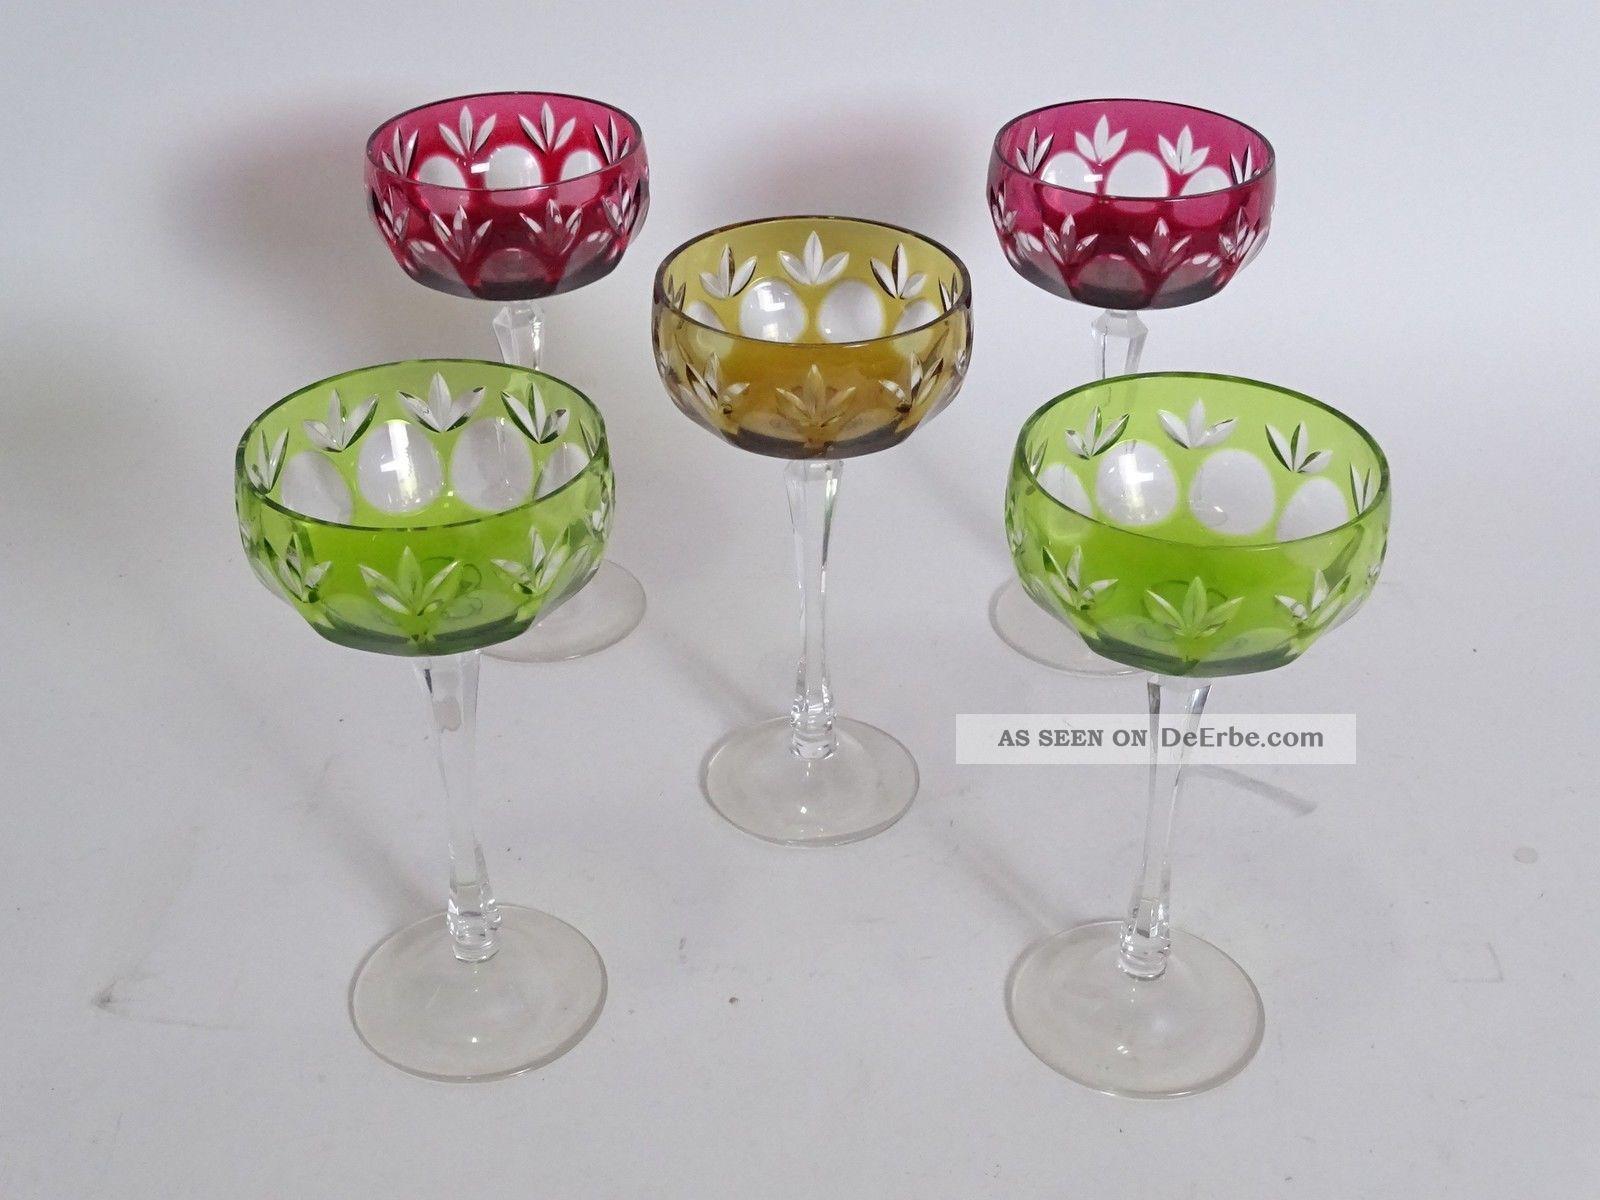 Konvolut 5 Herrliche Gläser Antik Bleikristall Champagner Ausgefallenen Farben Kristall Bild